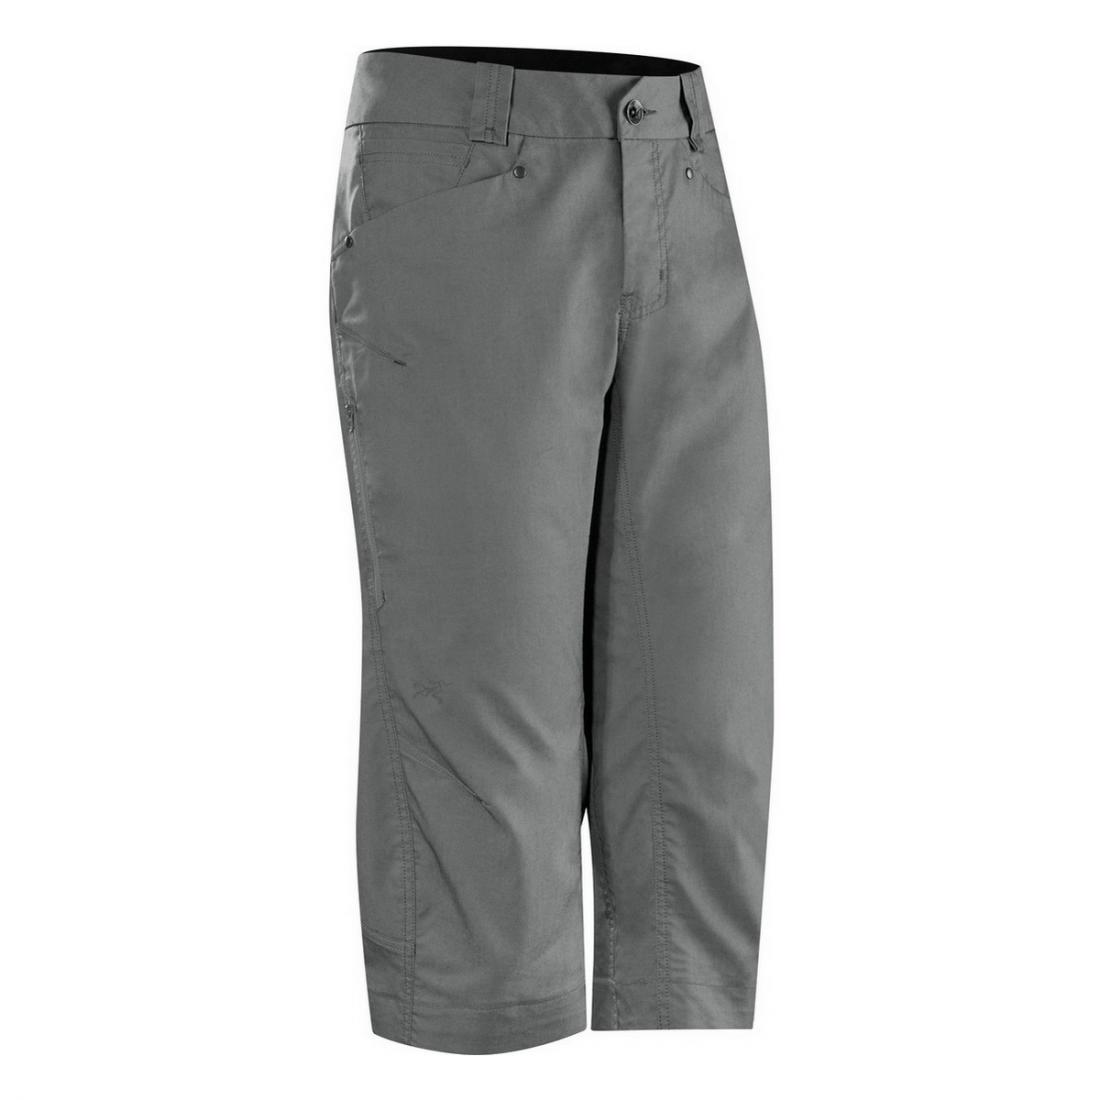 Шорты A2B Commuter Long MensШорты, бриджи<br><br><br><br> Длинные мужские шорты A2B Commuter Long Mens от Arcteryx – отличный выбор для путешествий, прогулок на велосипеде или повседневной носки в городе в приятную летнюю погоду. Ткань изделия имитирует деним, придавая шортам стильный вид. <br>&lt;/...<br><br>Цвет: Темно-серый<br>Размер: 34